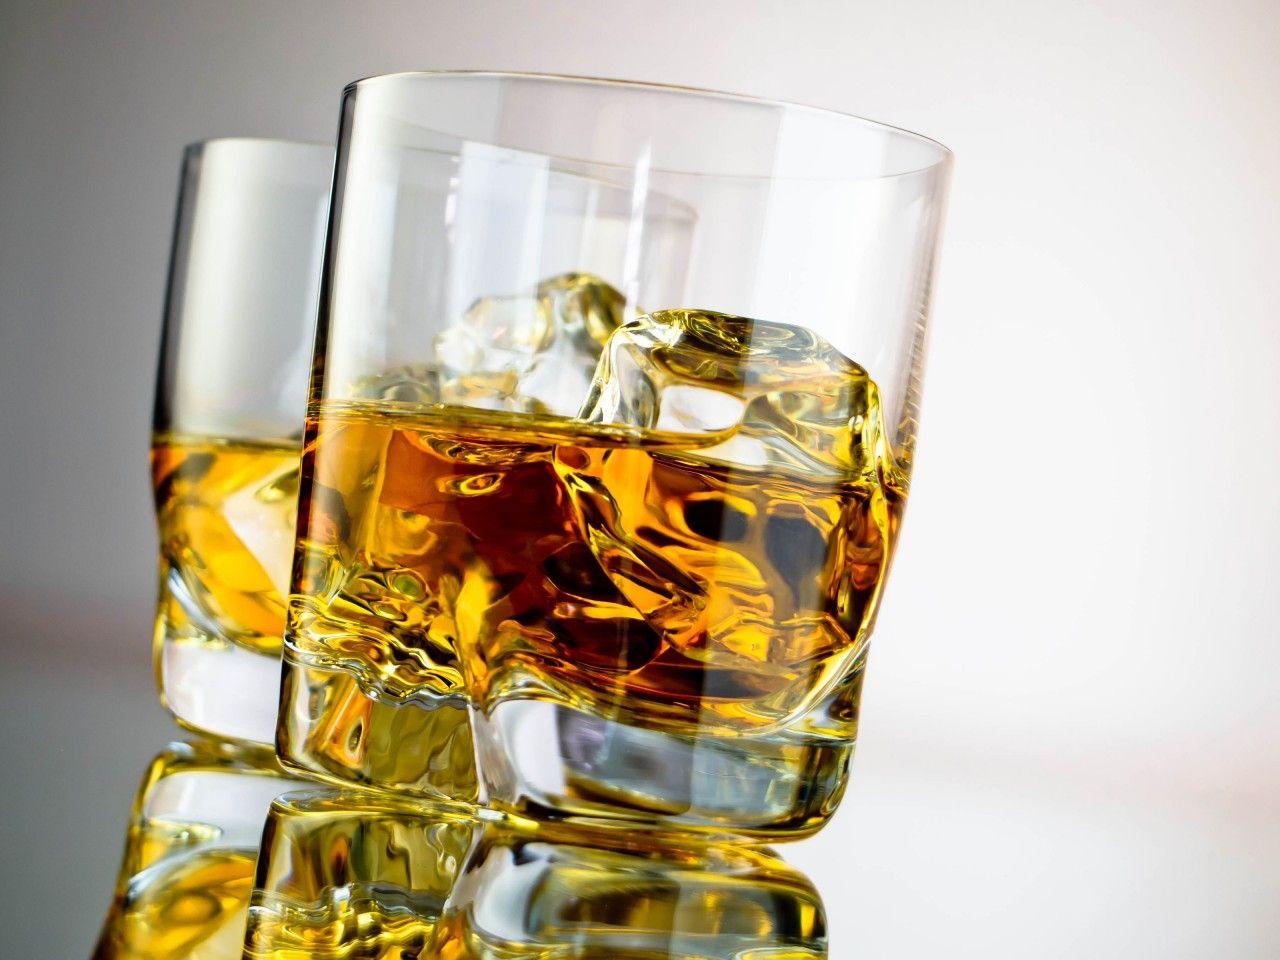 Боль в желудке после алкоголя: причины и способы лечения